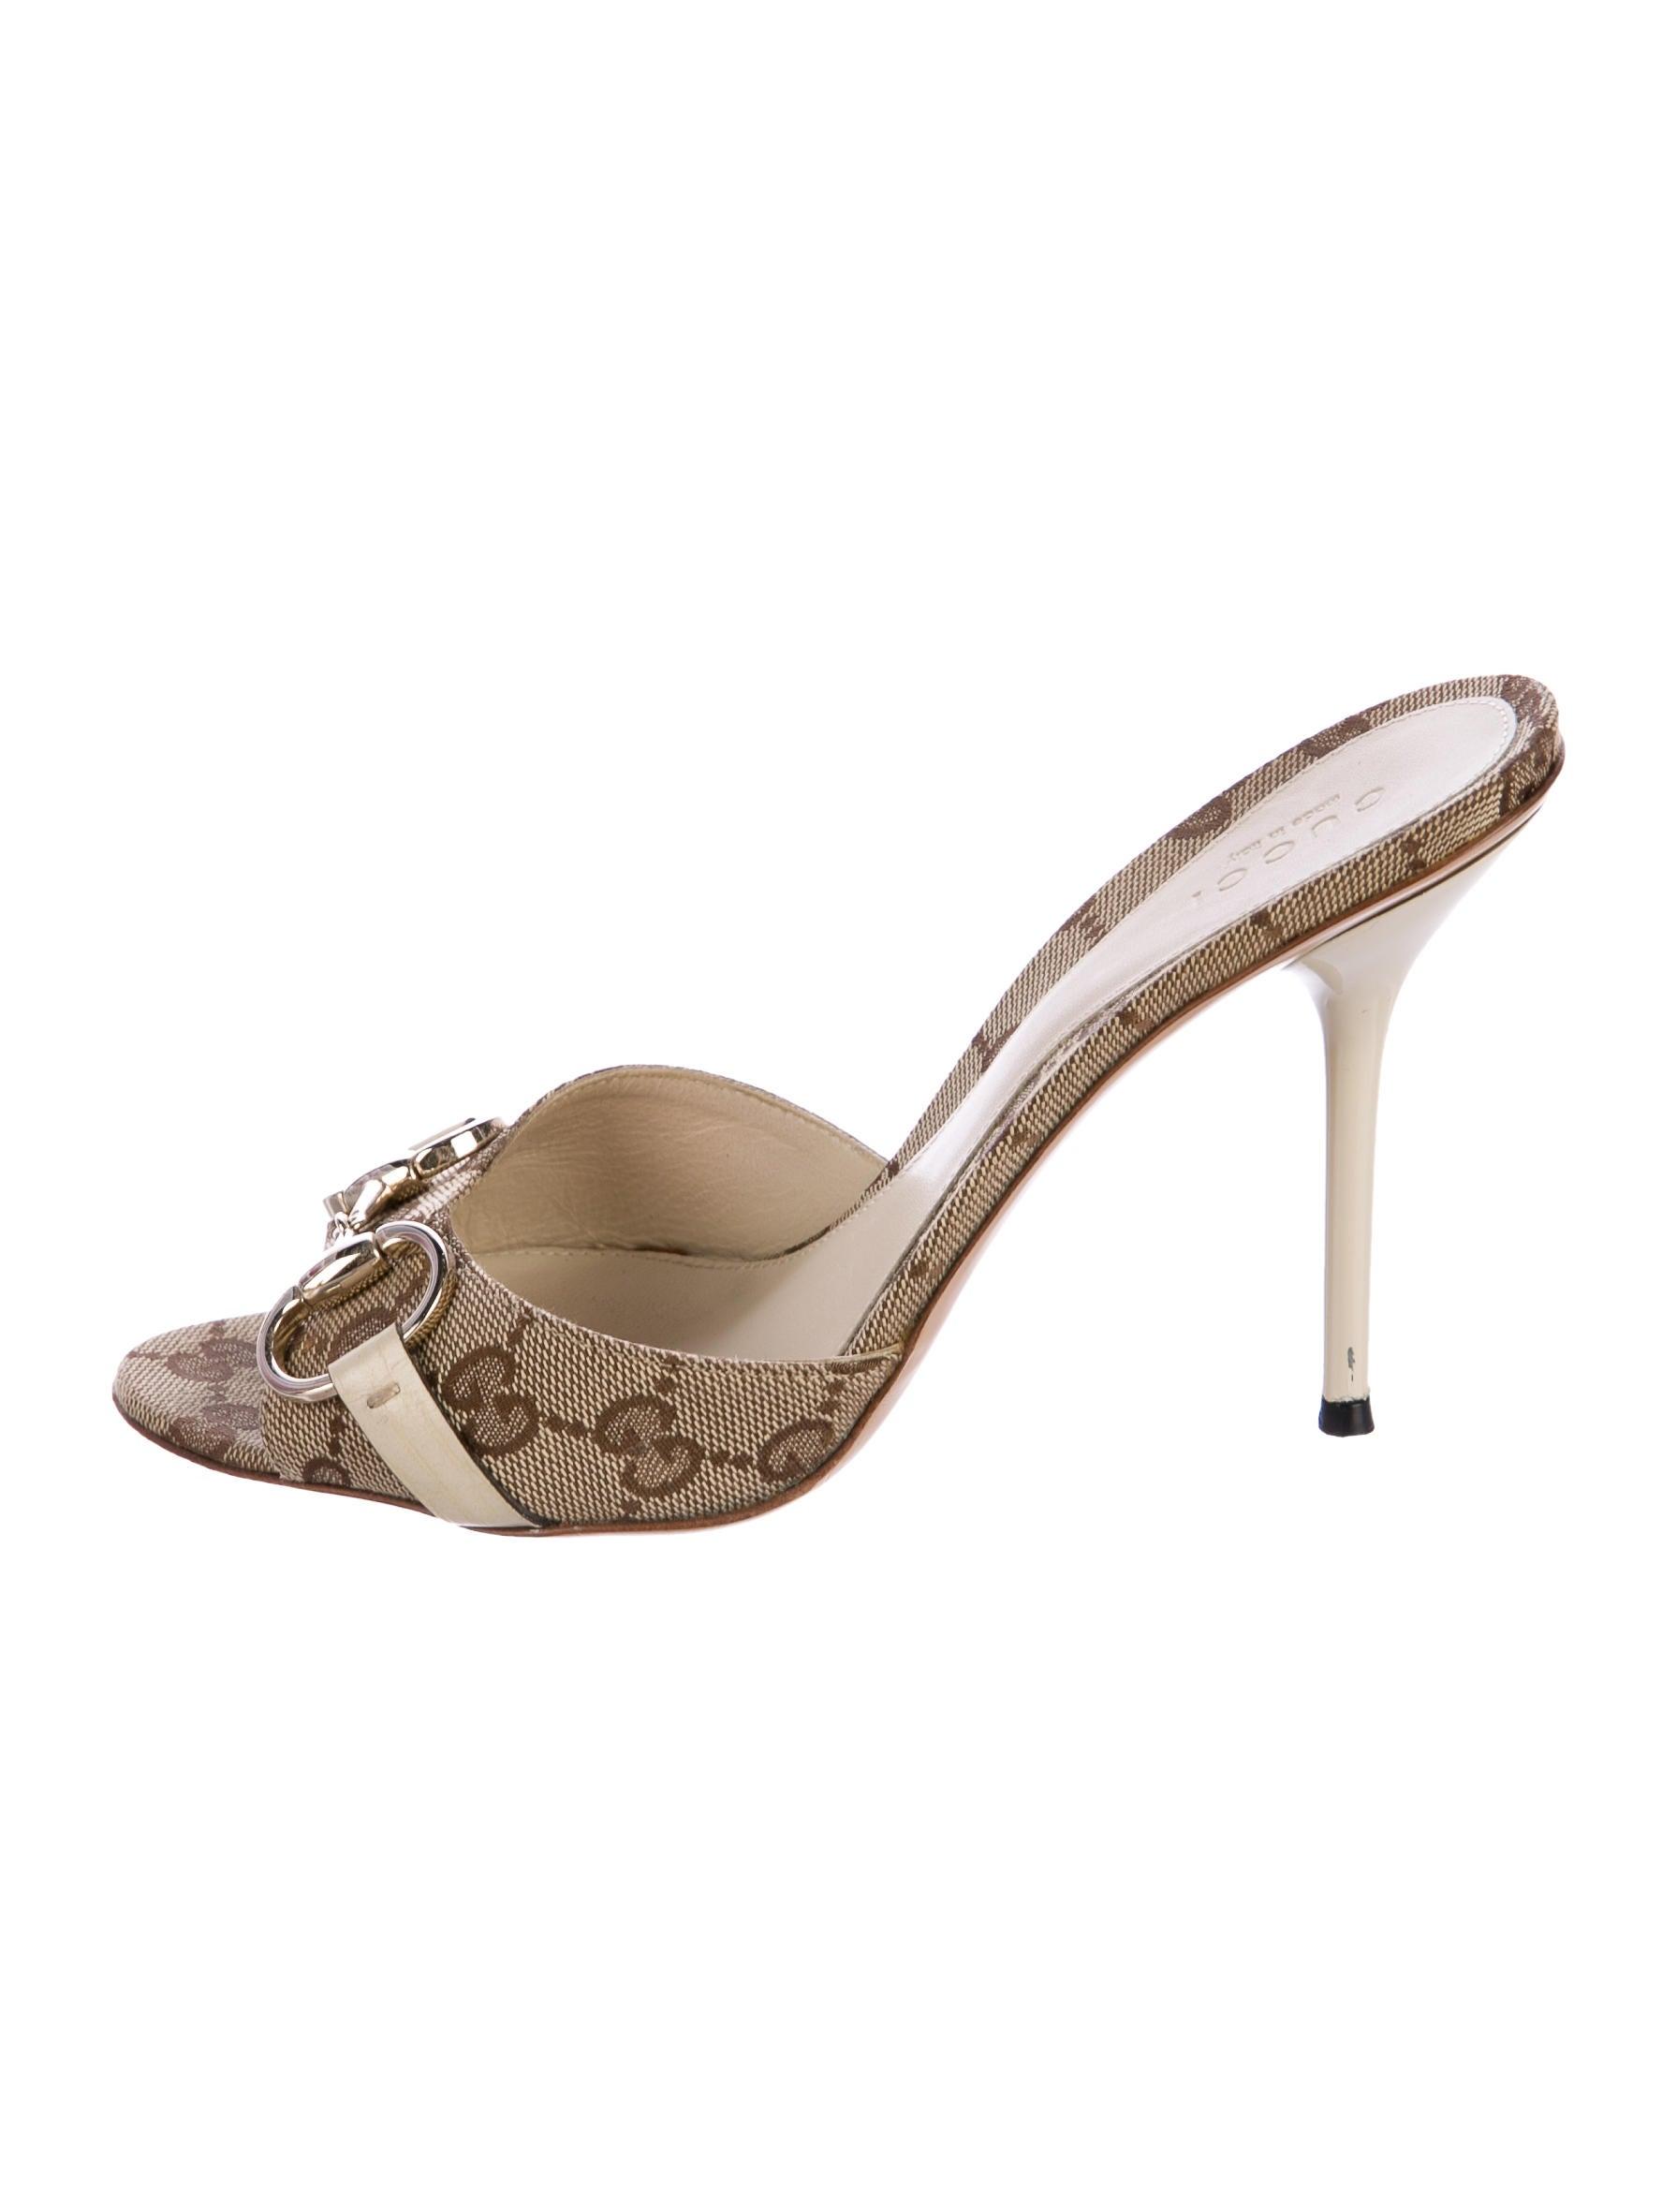 Gucci Guccissima Horsebit Slide Sandals Shoes